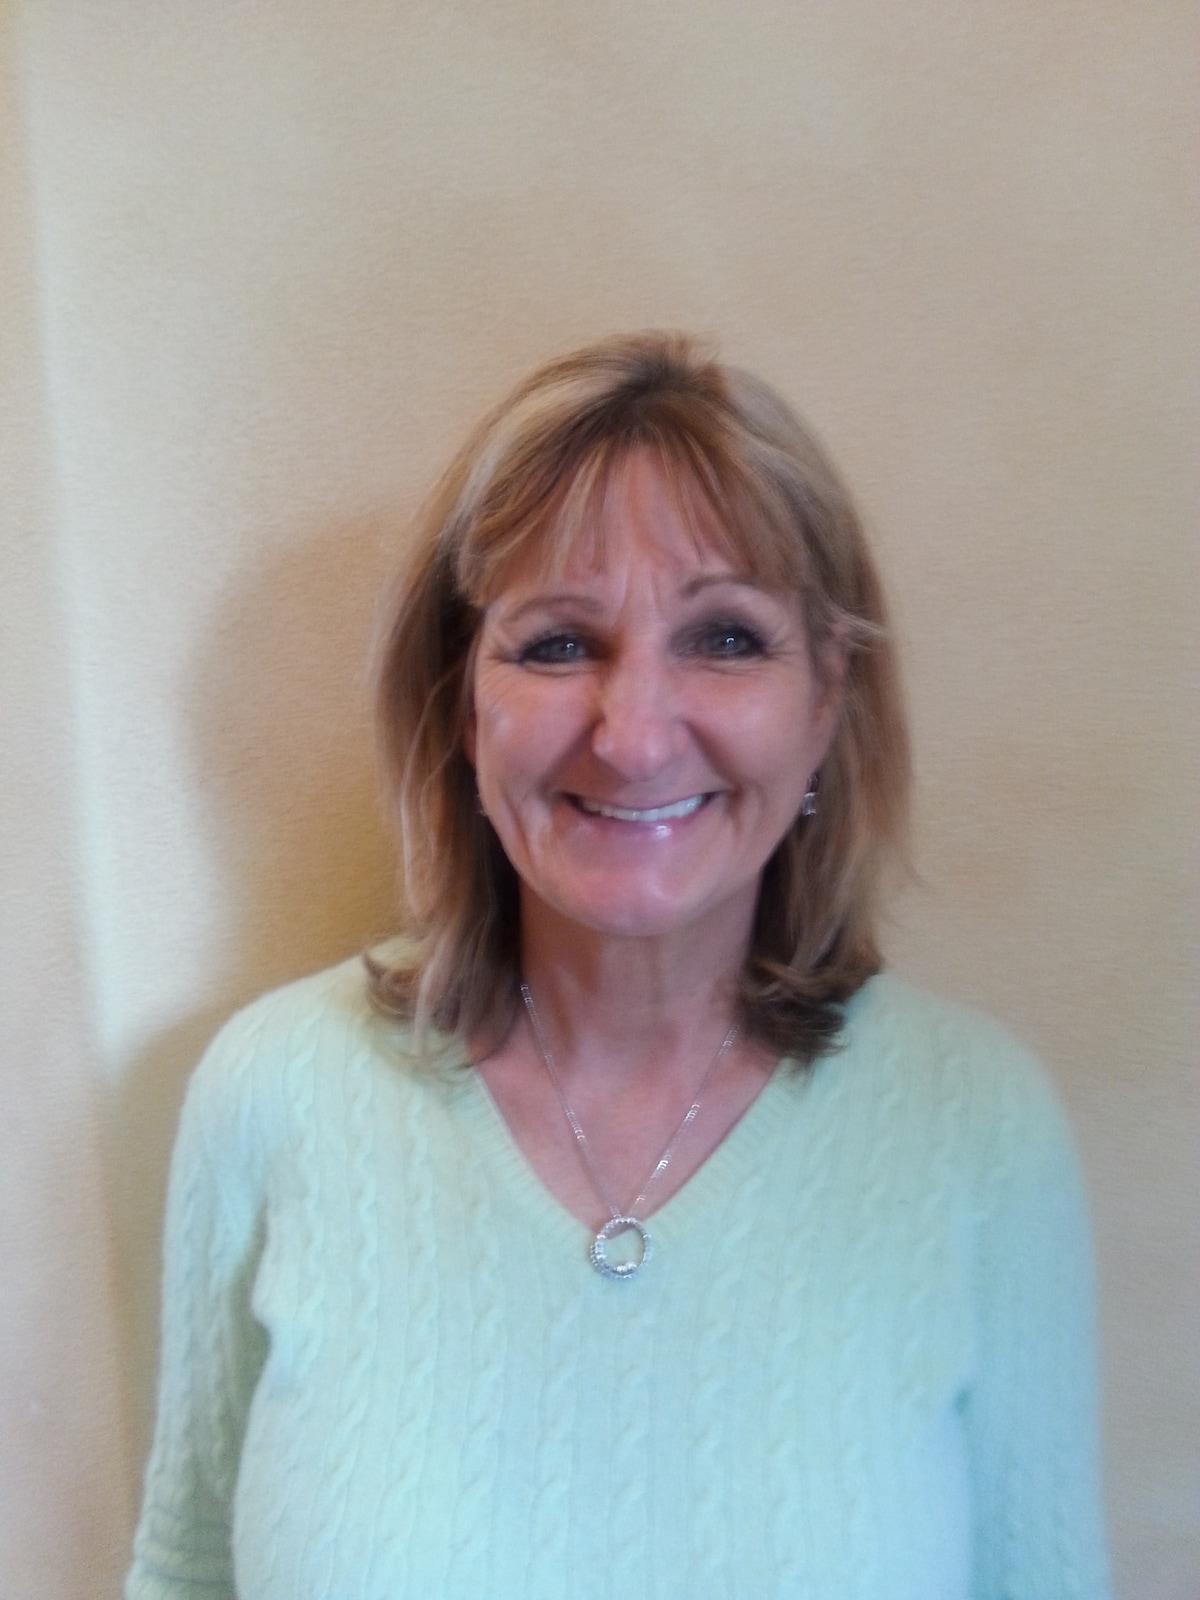 Suzanne from La Quinta